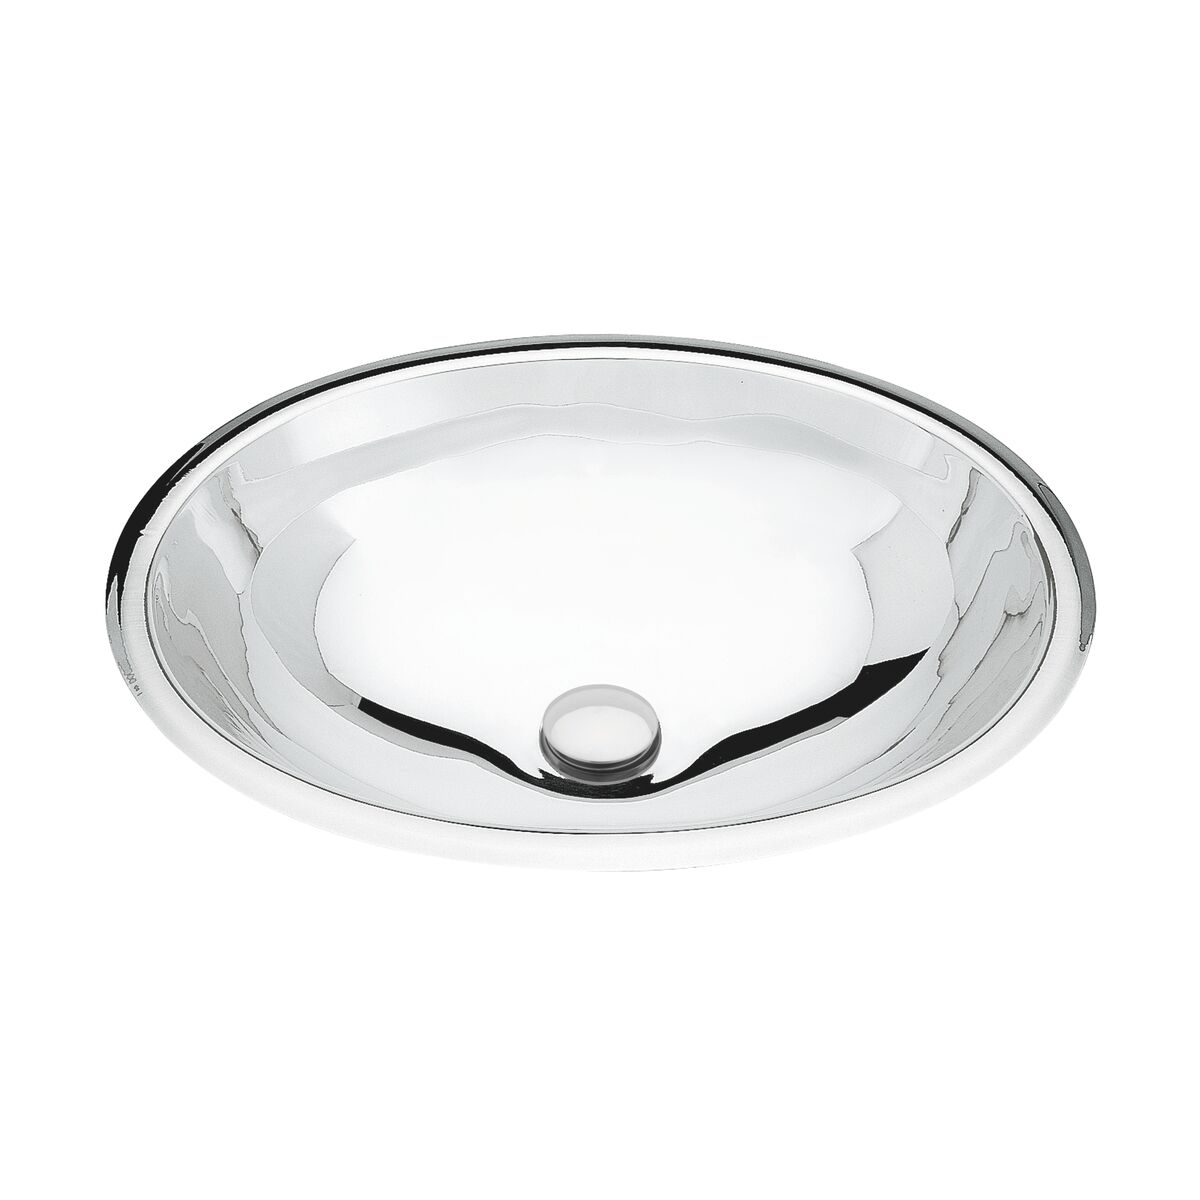 Lavabo sobrepuesto ovalado de Tramontina en acero inoxidable con acabado de alto brillo 36 x 26 cm